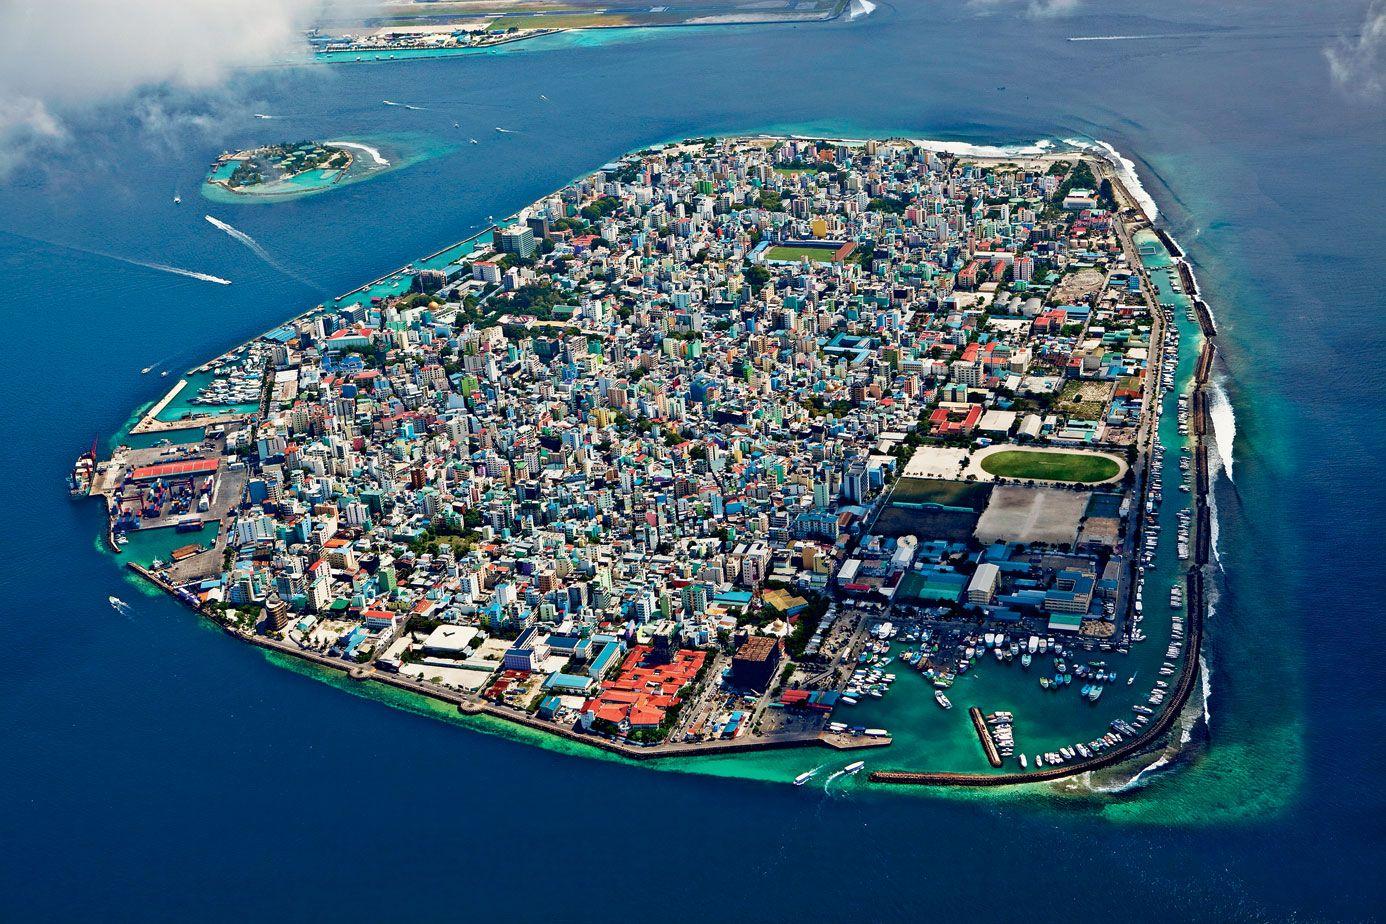 La capital de Maldivas